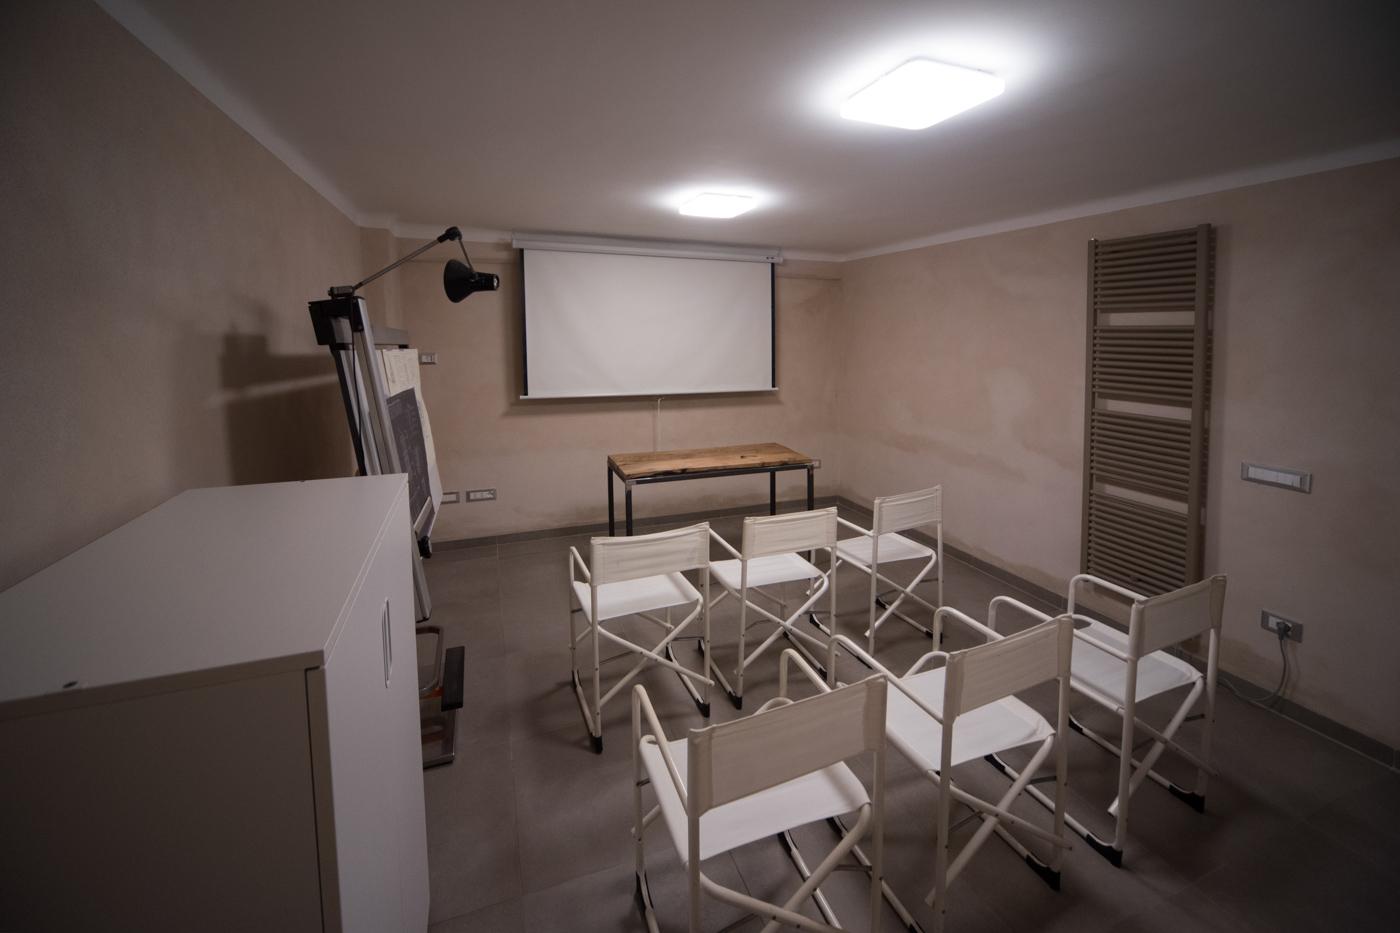 valentina solera, architetto, interior, ristrutturazione, genova, liguria, italy, interior5-11.jpg